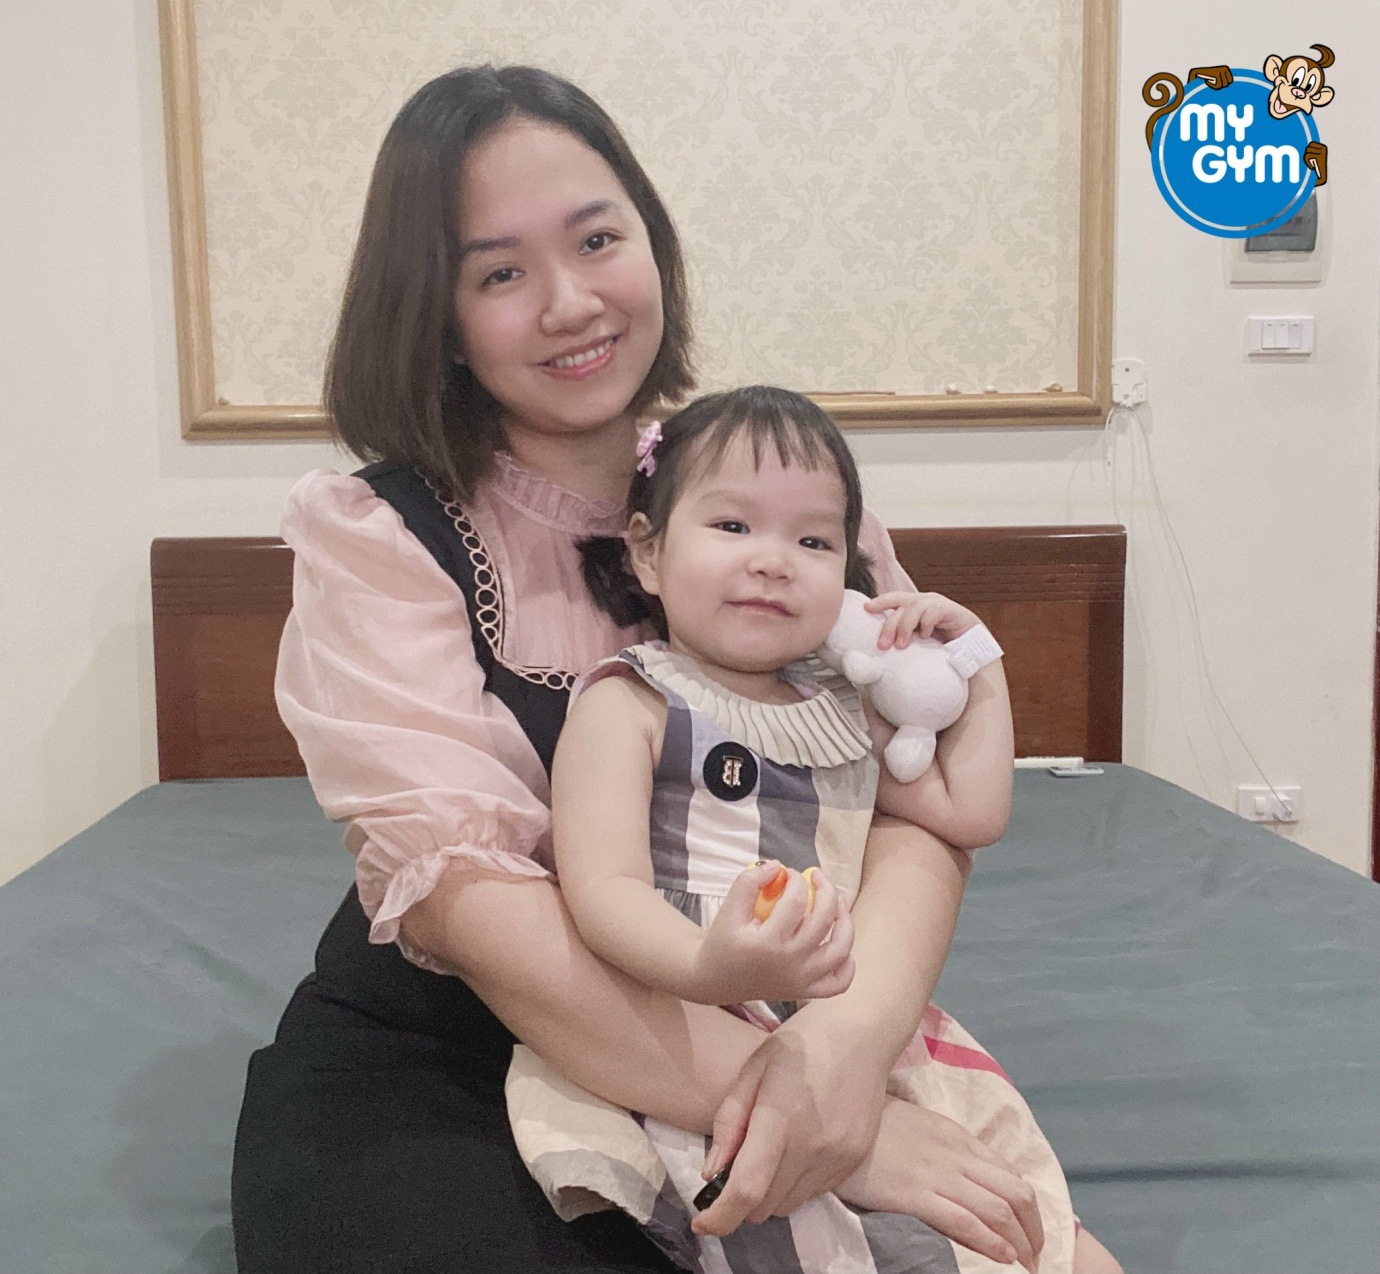 Ra mắt khóa học Gym Online cho trẻ Việt Nam, giáo trình tương tự trẻ em Mỹ - Ảnh 4.